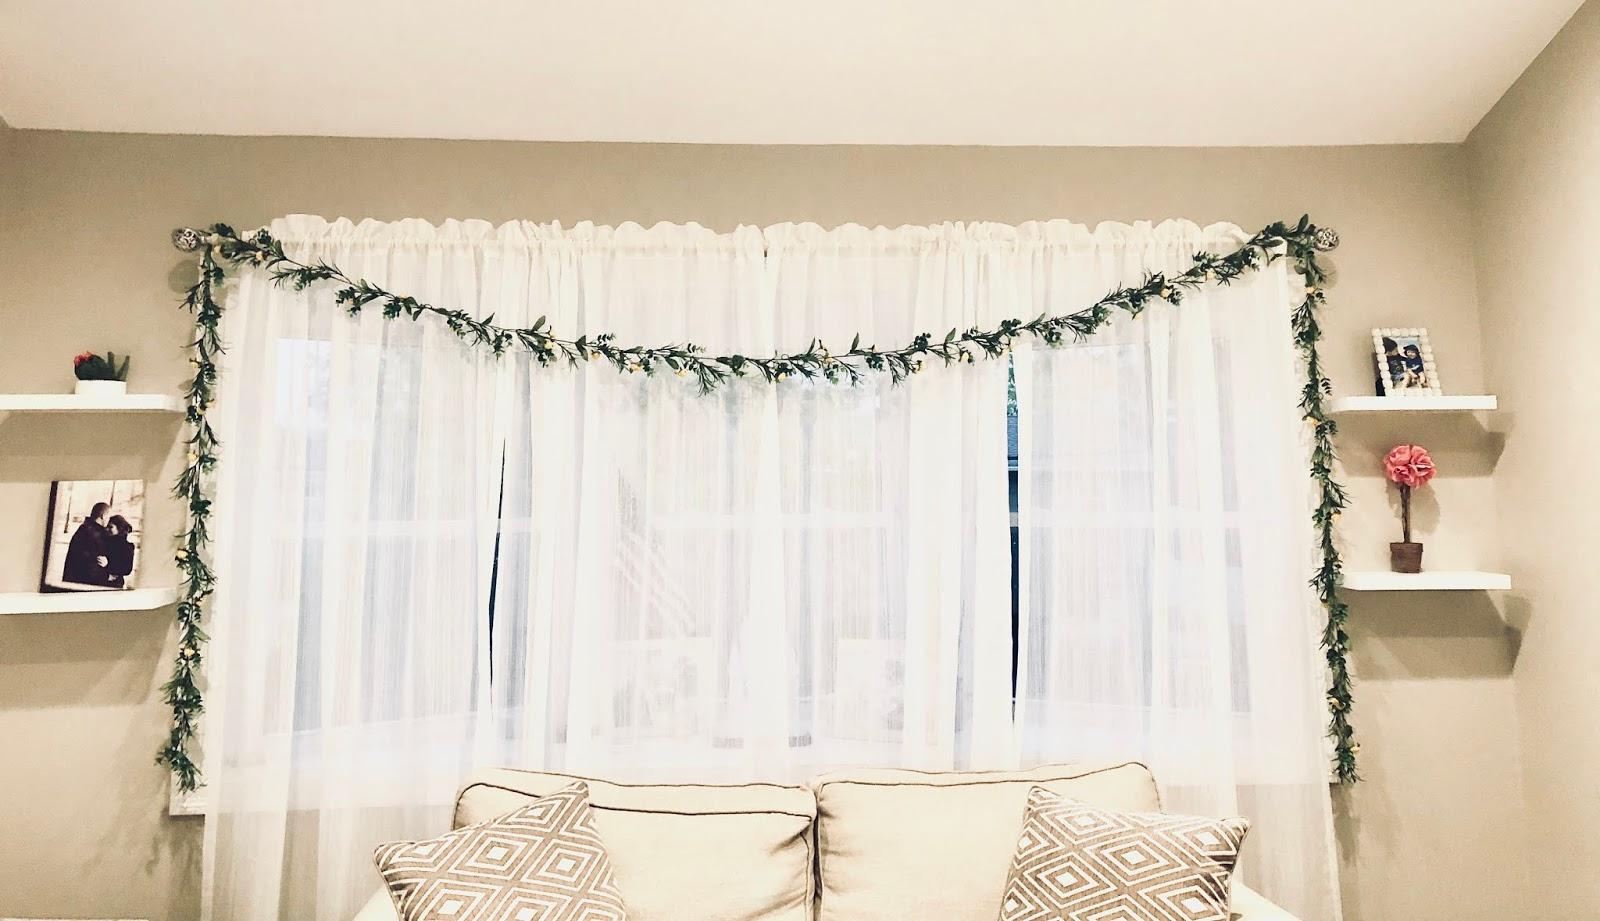 bay windows, bay window, bay window shelf, bay window shelves, bay windor decor